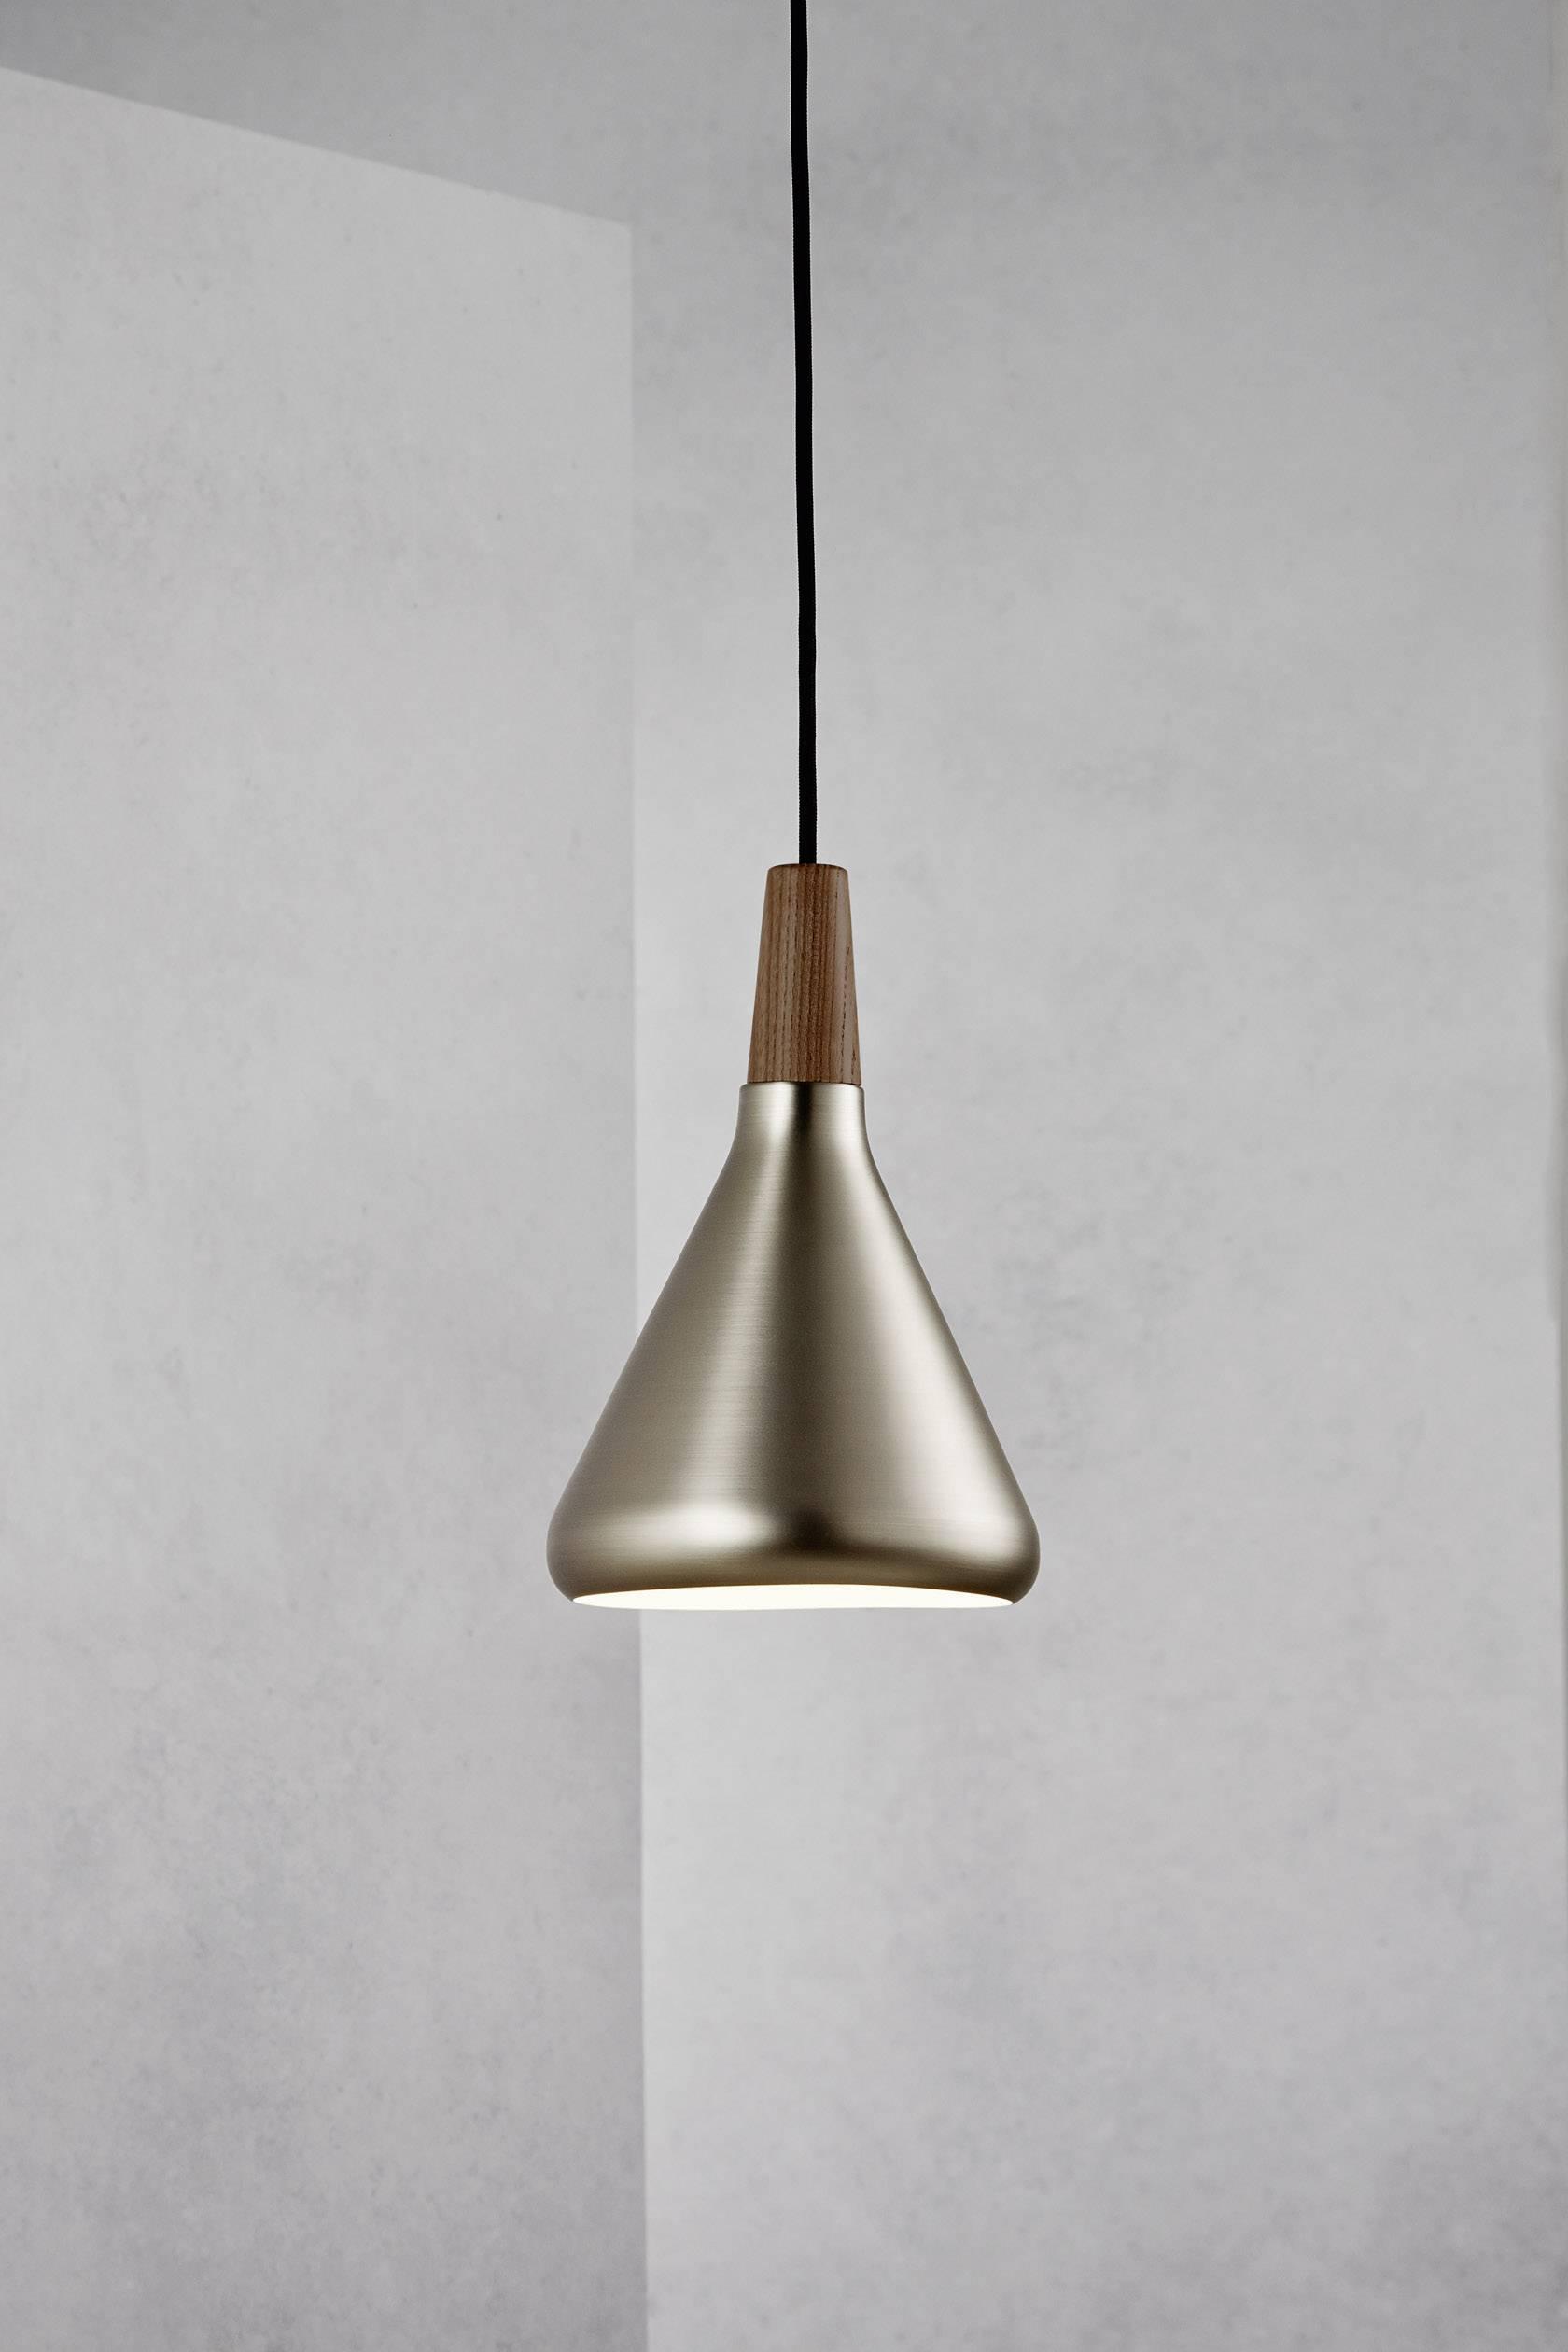 Závesné svietidlo halogénová žiarovka Nordlux Float 18 78203032, E27, 60 W, oceľová